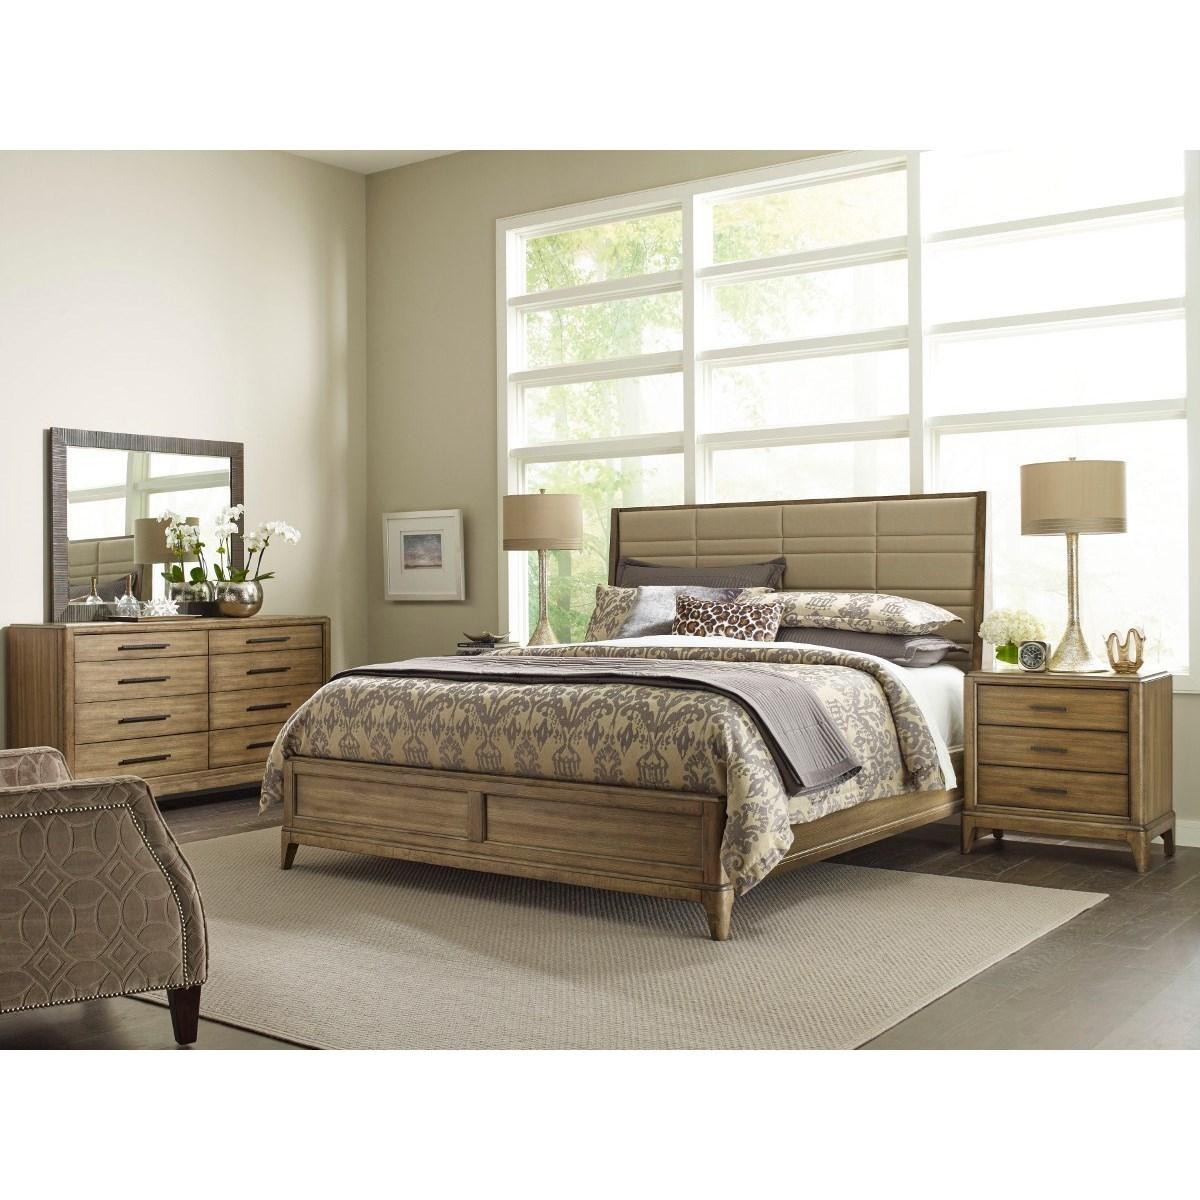 American Drew EVOKE  King Bedroom Group - Item Number: 509 K Bedroom Group 2